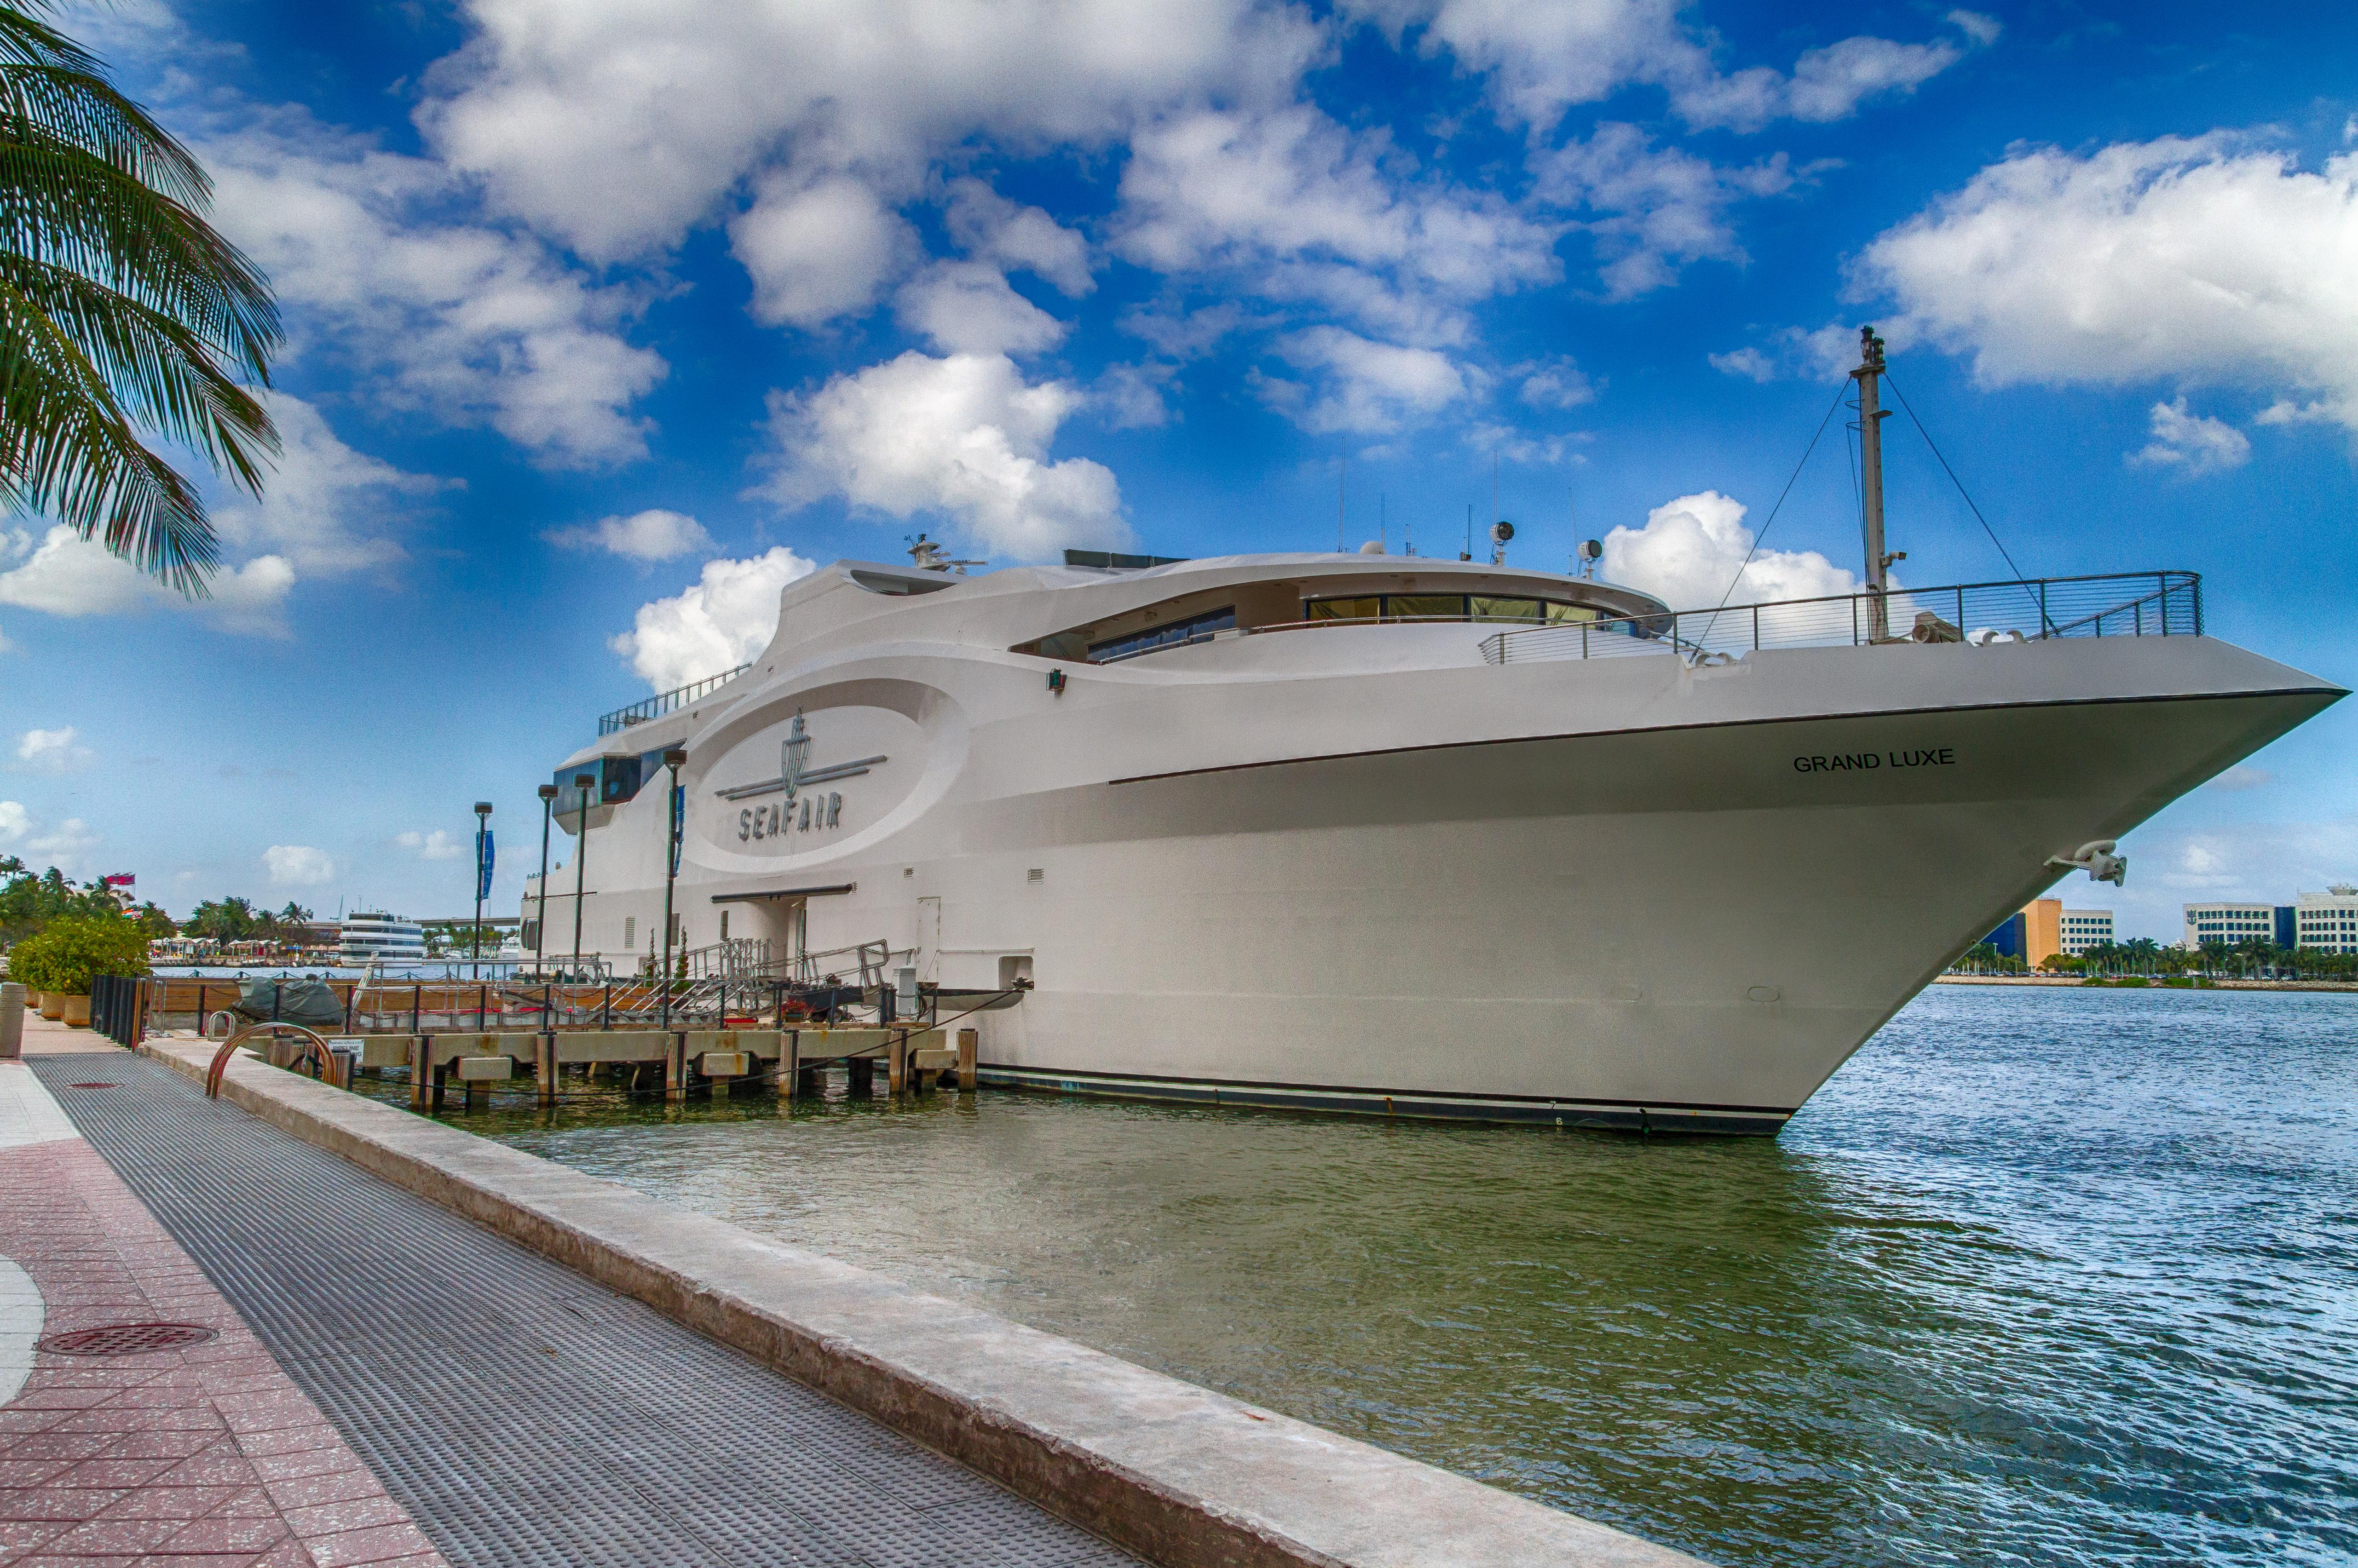 InterContinental Miami Hotel Cruise Ship